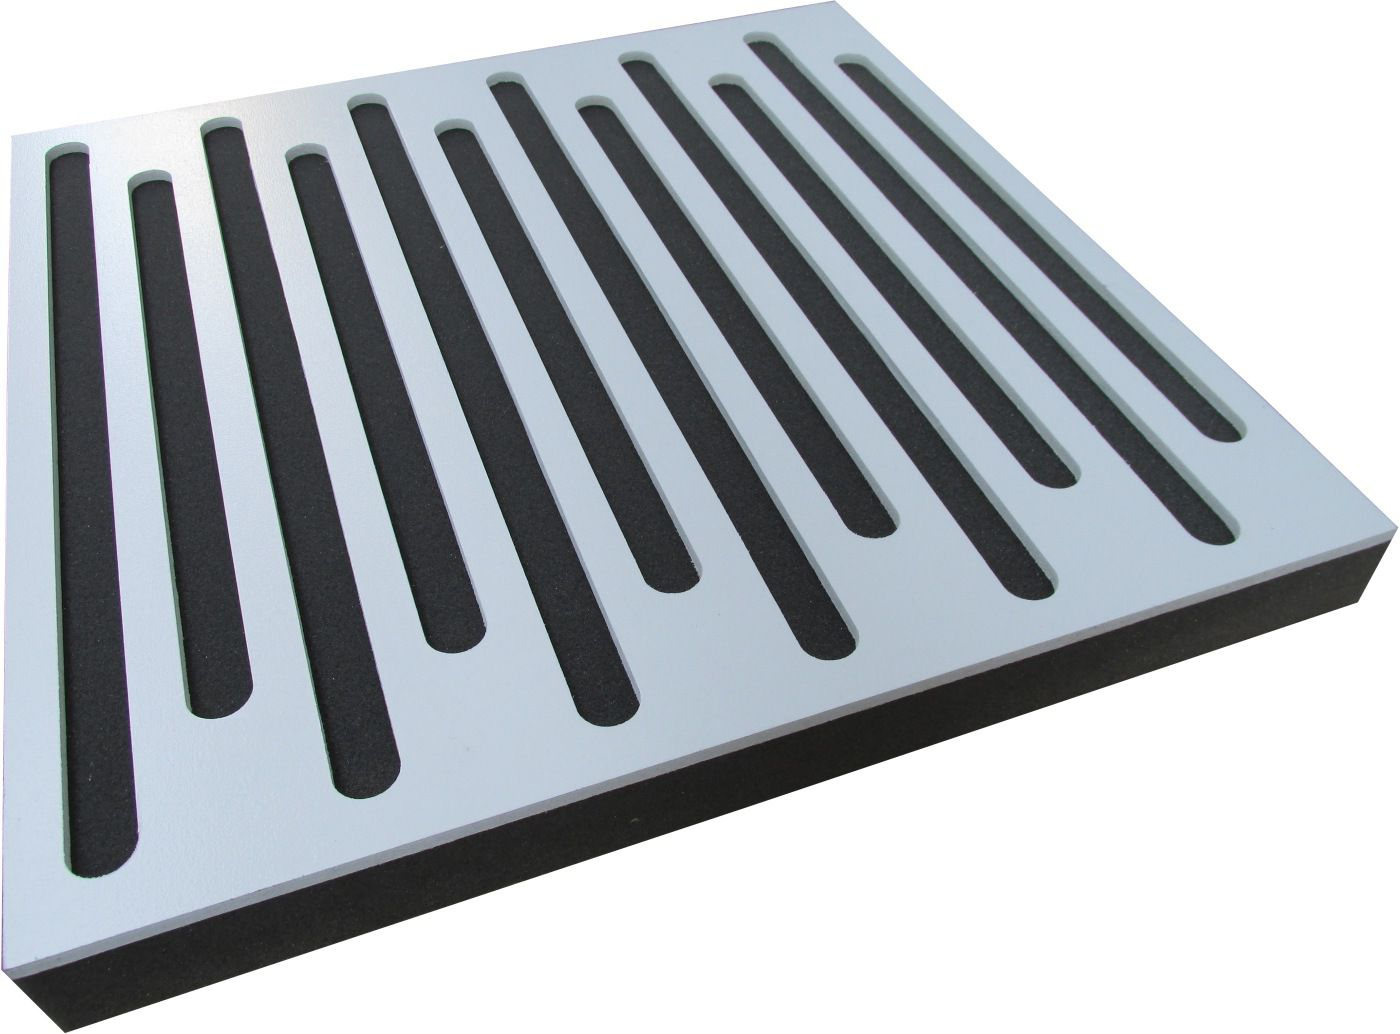 Painel Acústico Rev Decor - Stripes - 4 peças - 1m²  - Loja SPL Acústica